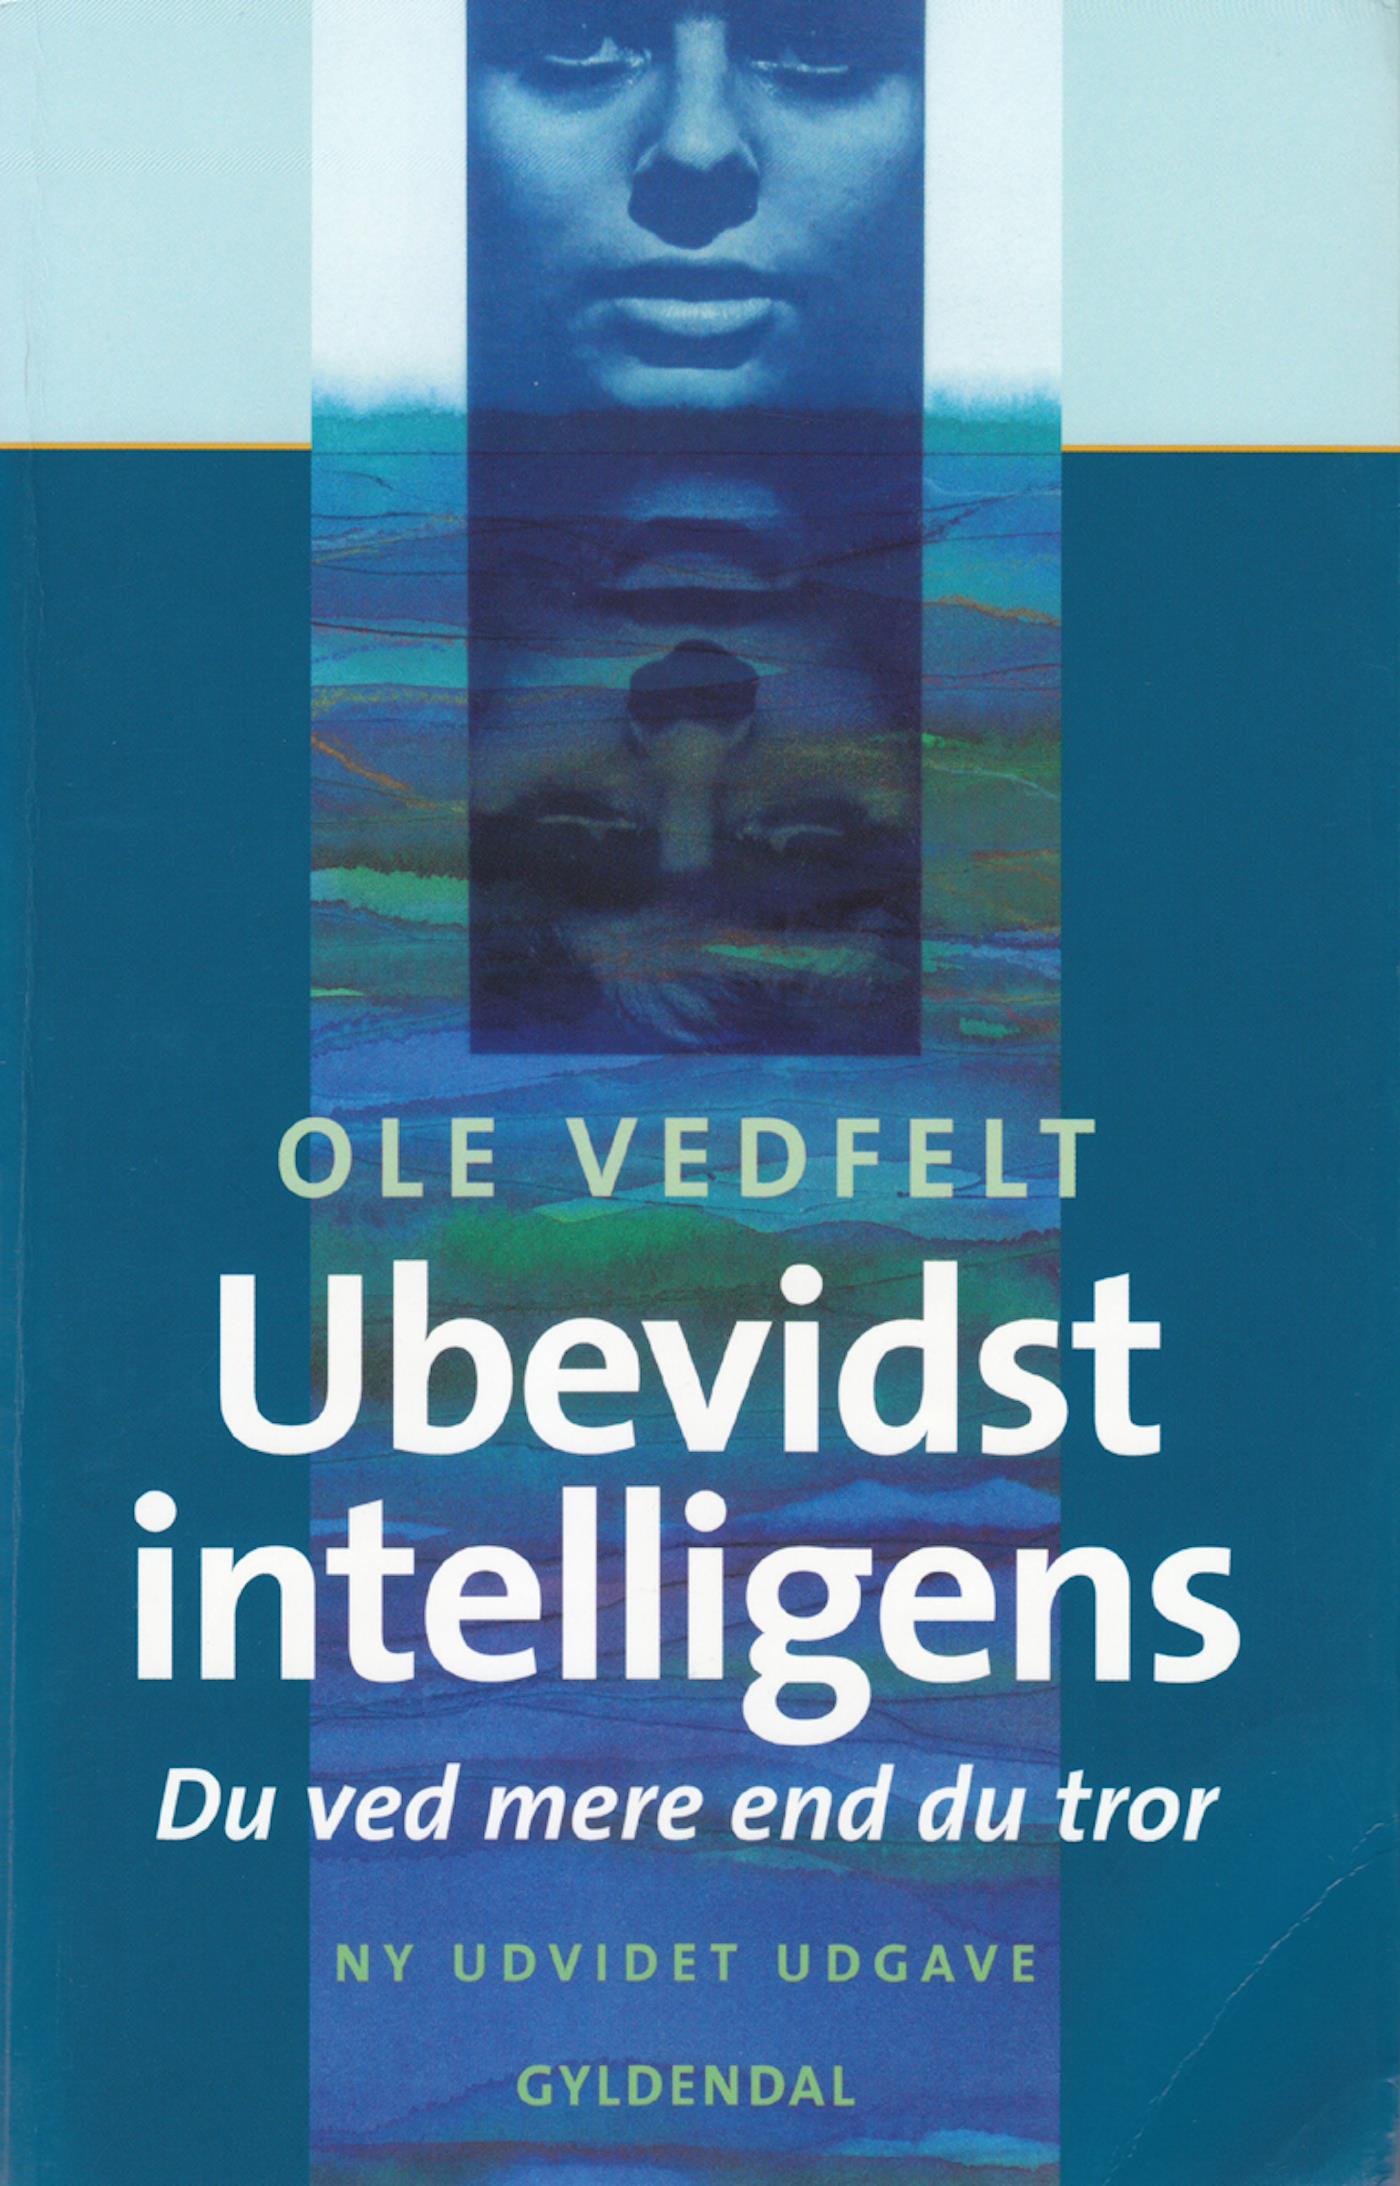 Ubevidst intelligens - e-bog fra N/A på bog & mystik